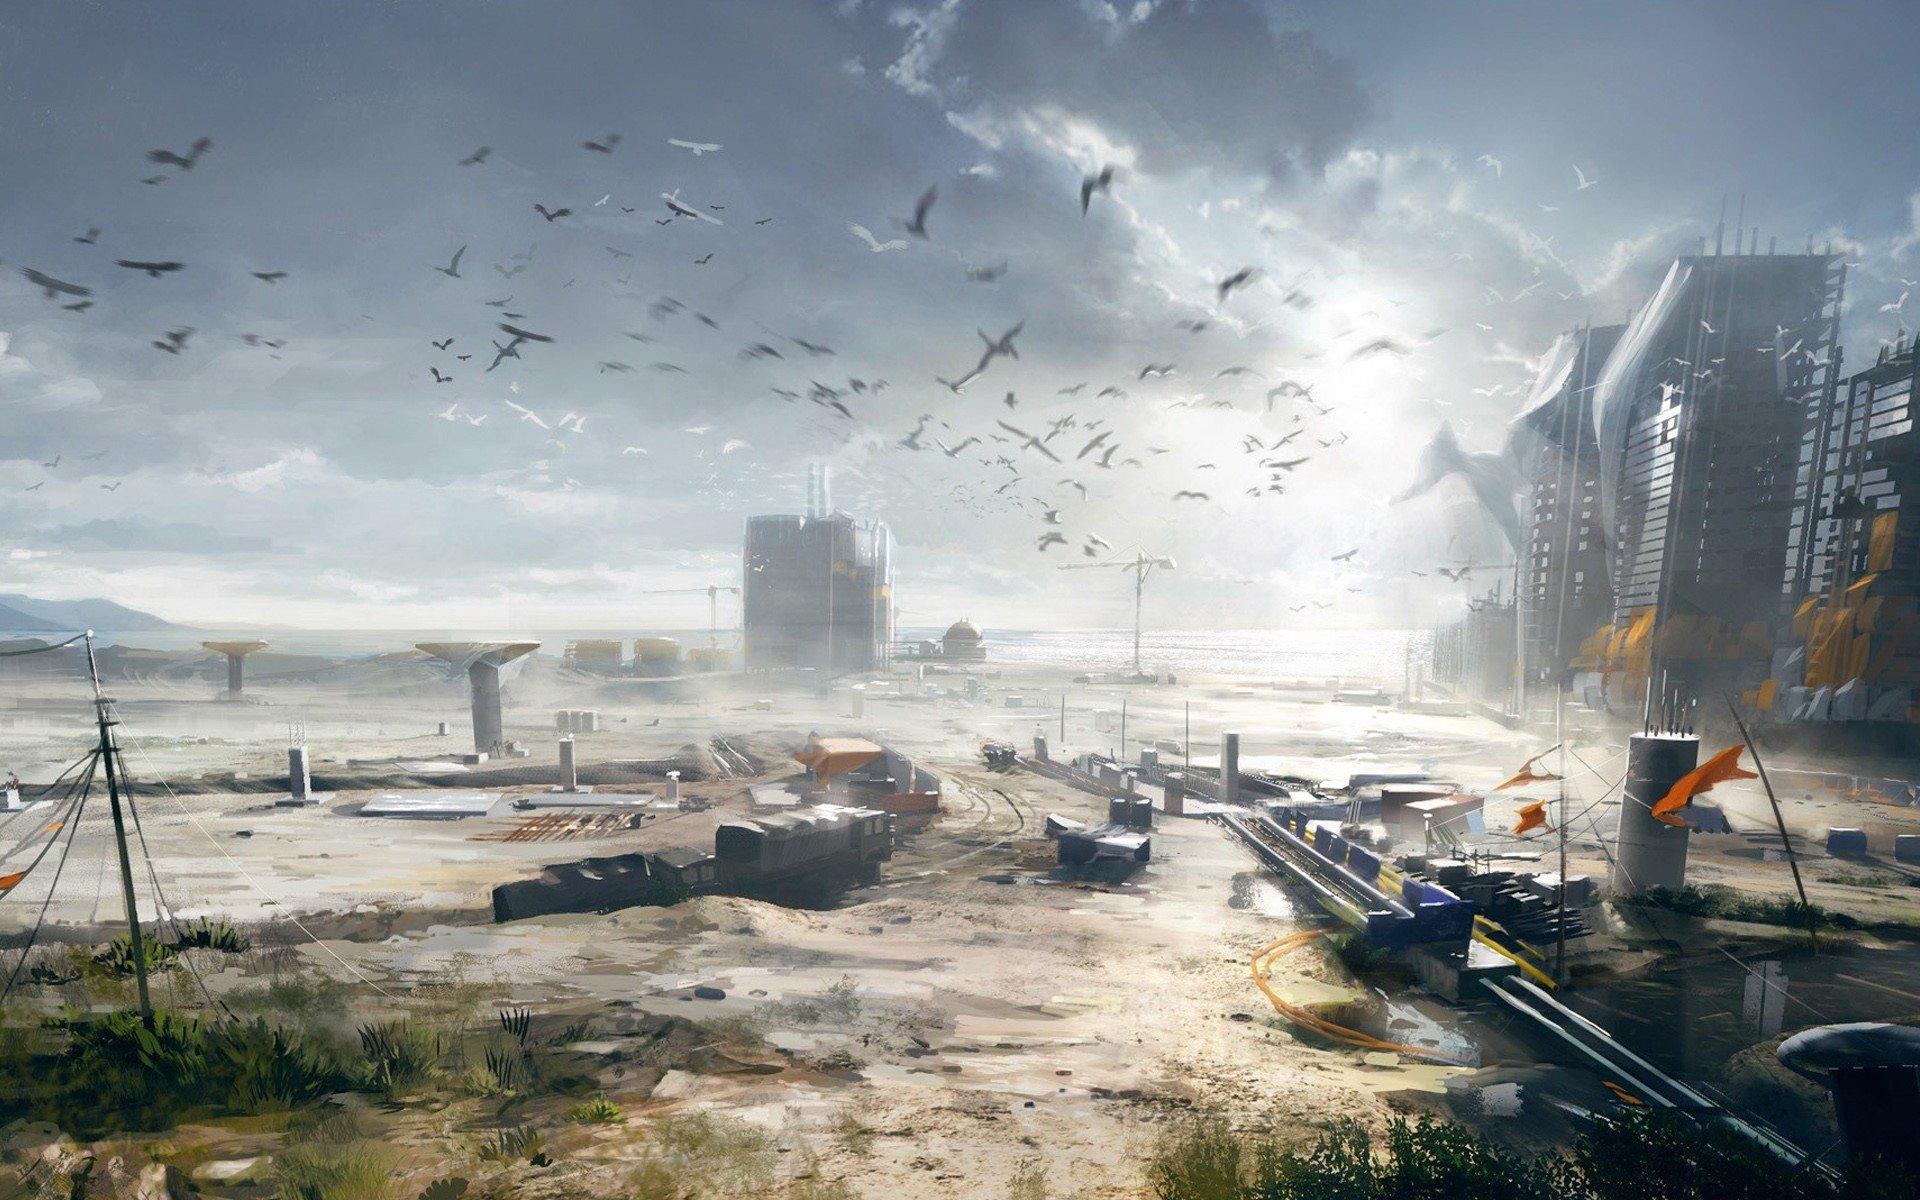 Battlefield 4 concept art hd artist 4k wallpapers - Battlefield v concept art wallpaper ...